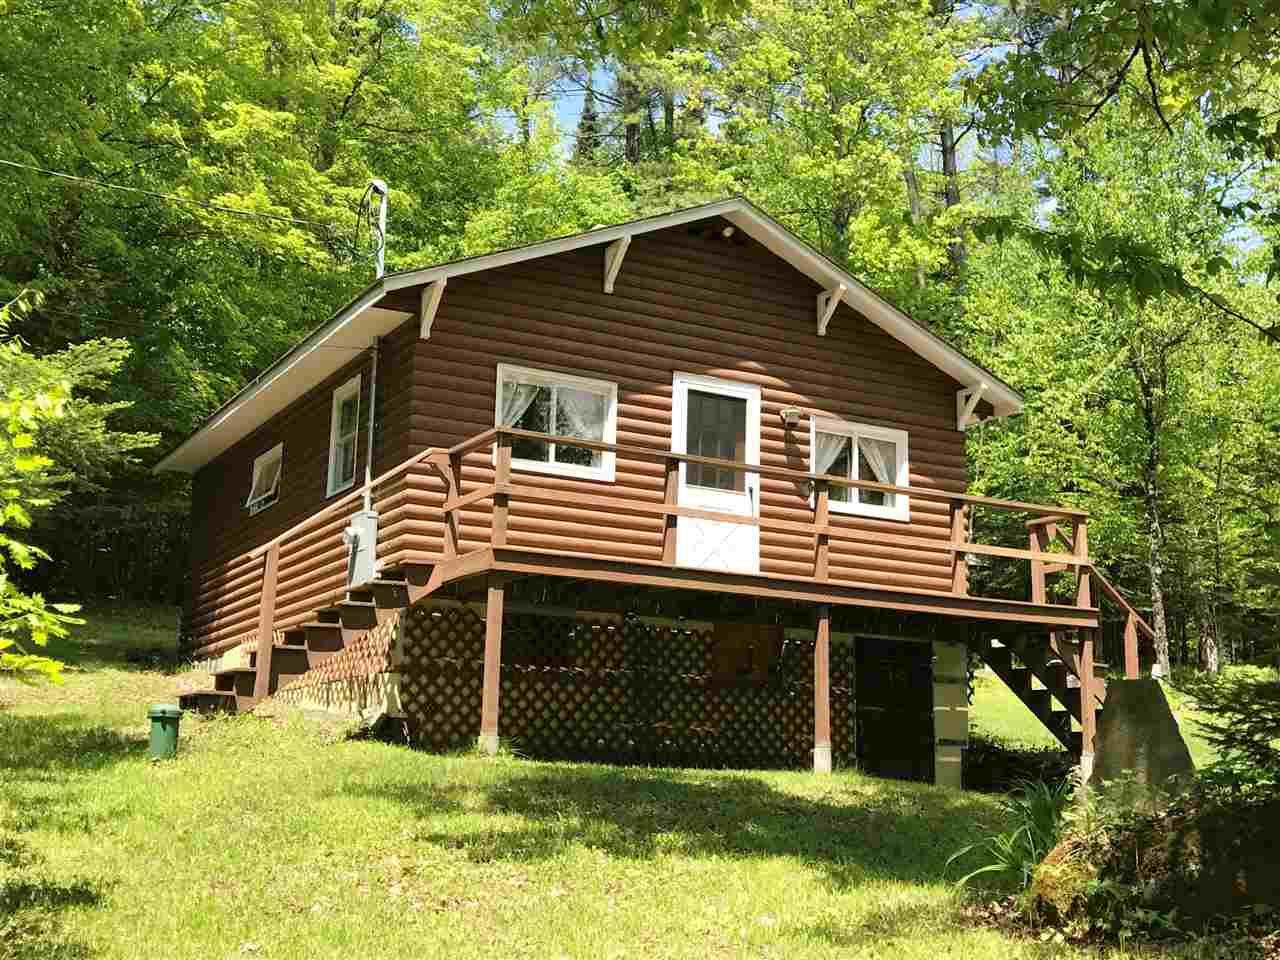 Cabin, Single Family - Sugar Hill, NH (photo 1)